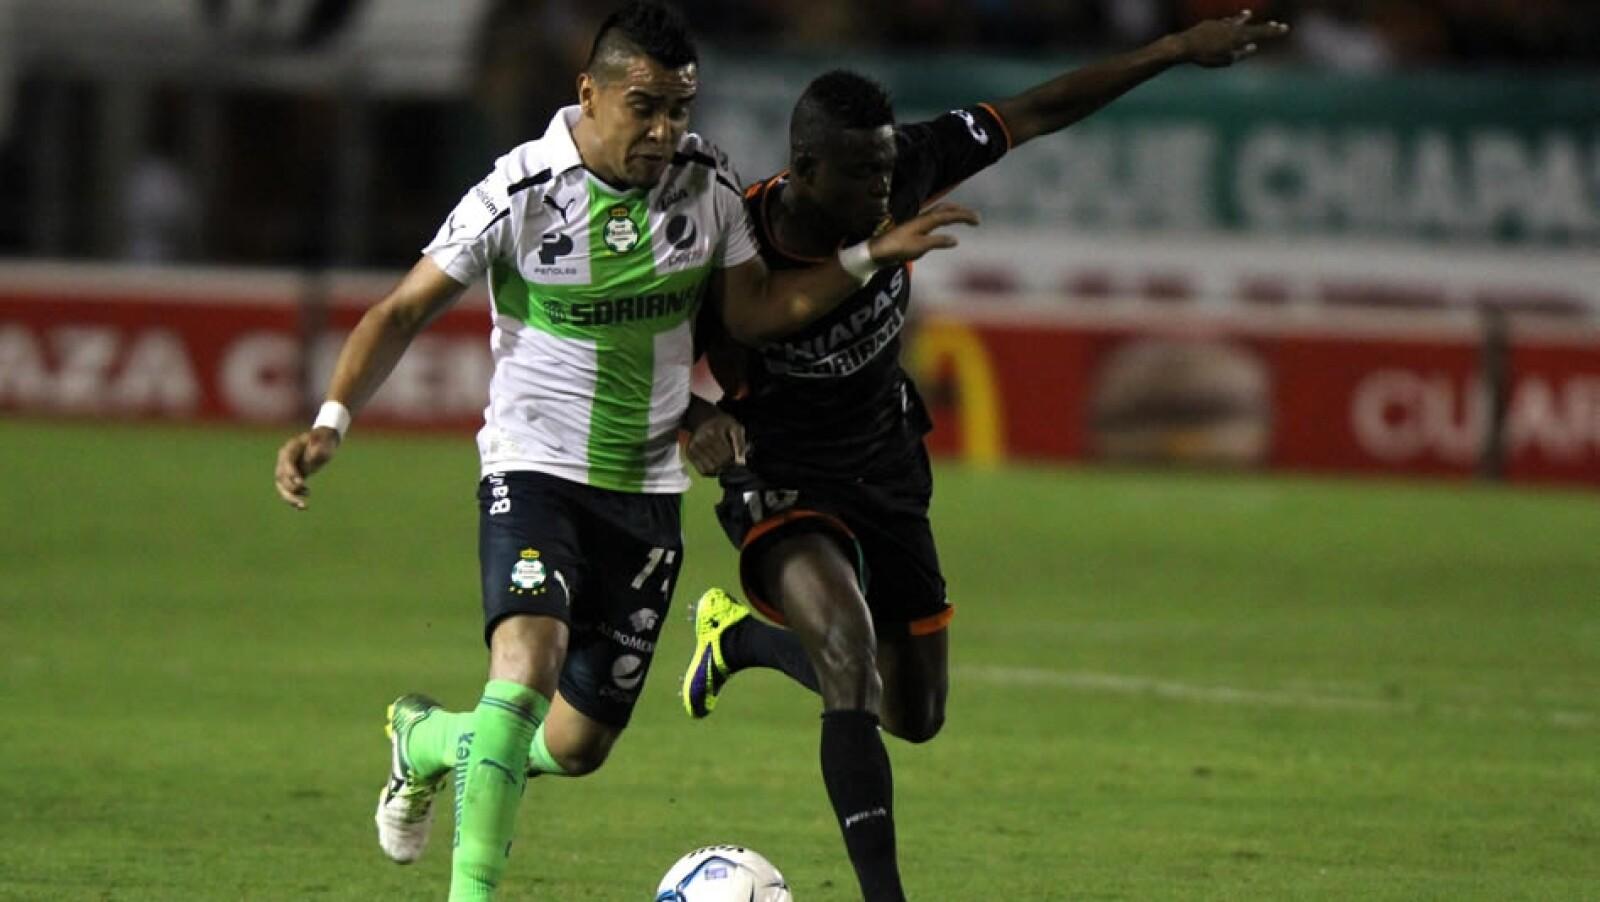 Santos vs Chiapas2